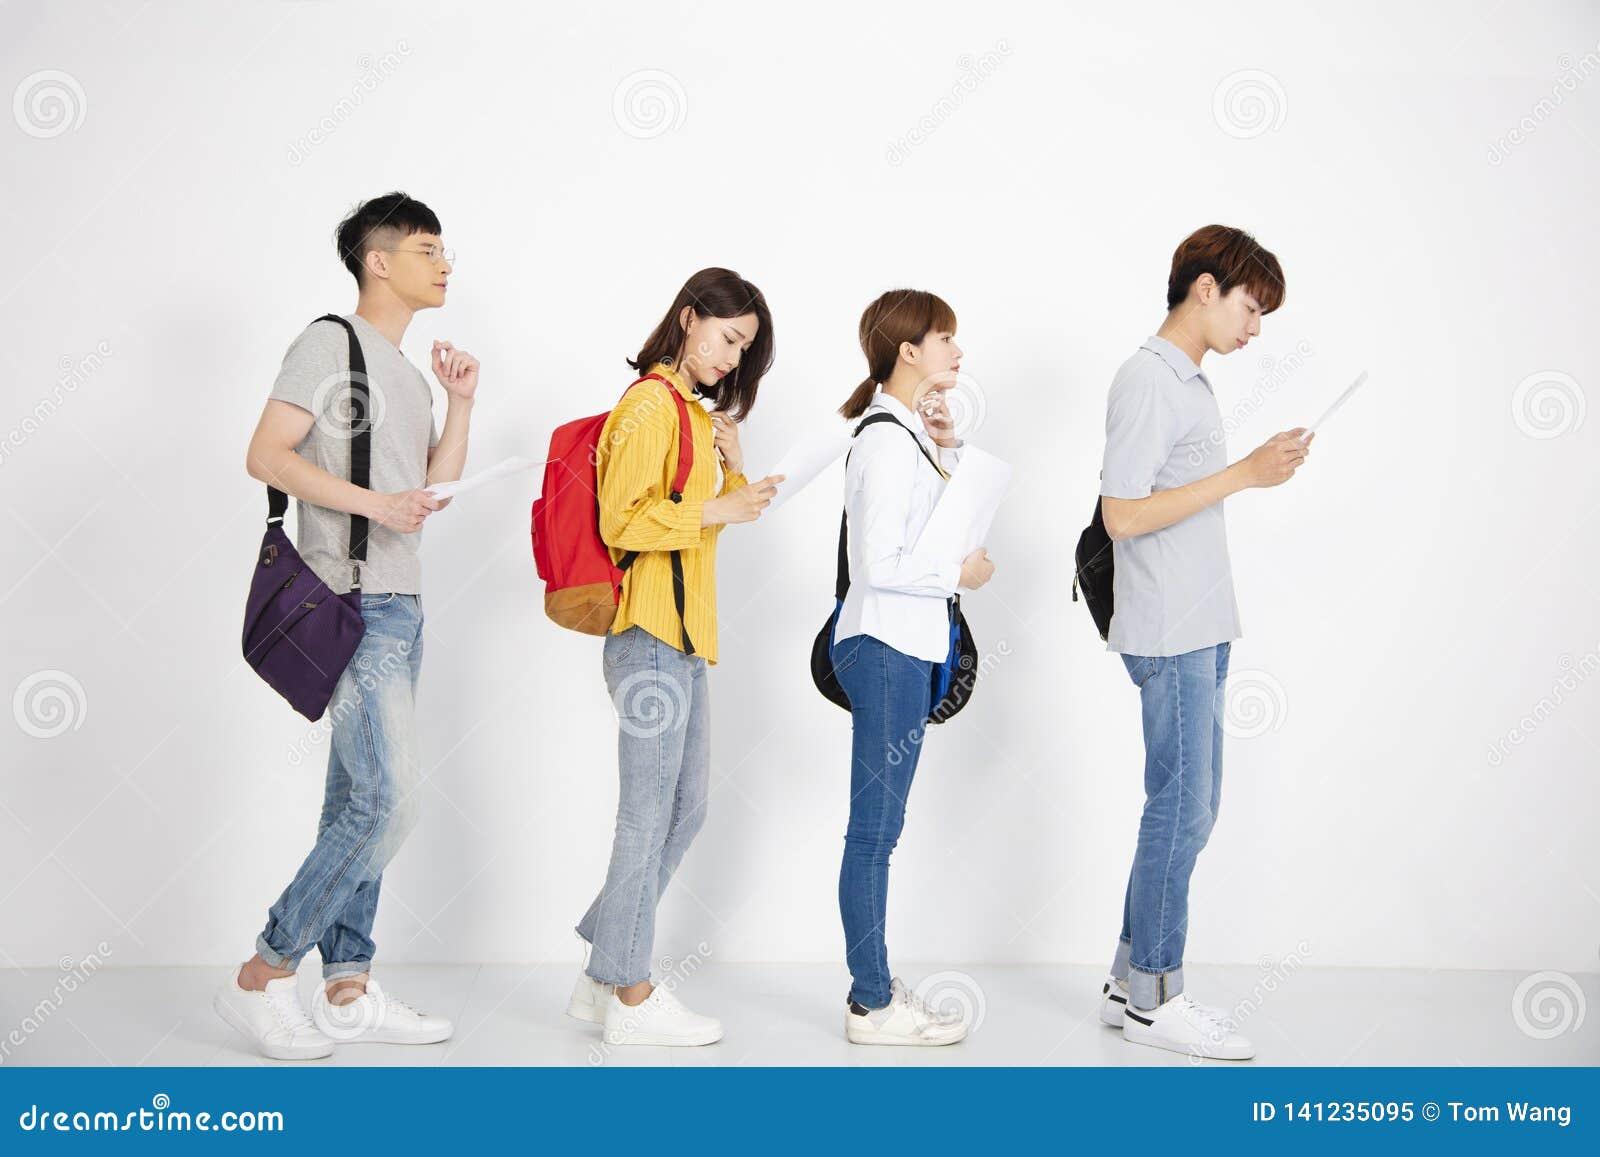 Ungdomarsom söker efter jobb med meritförteckningar